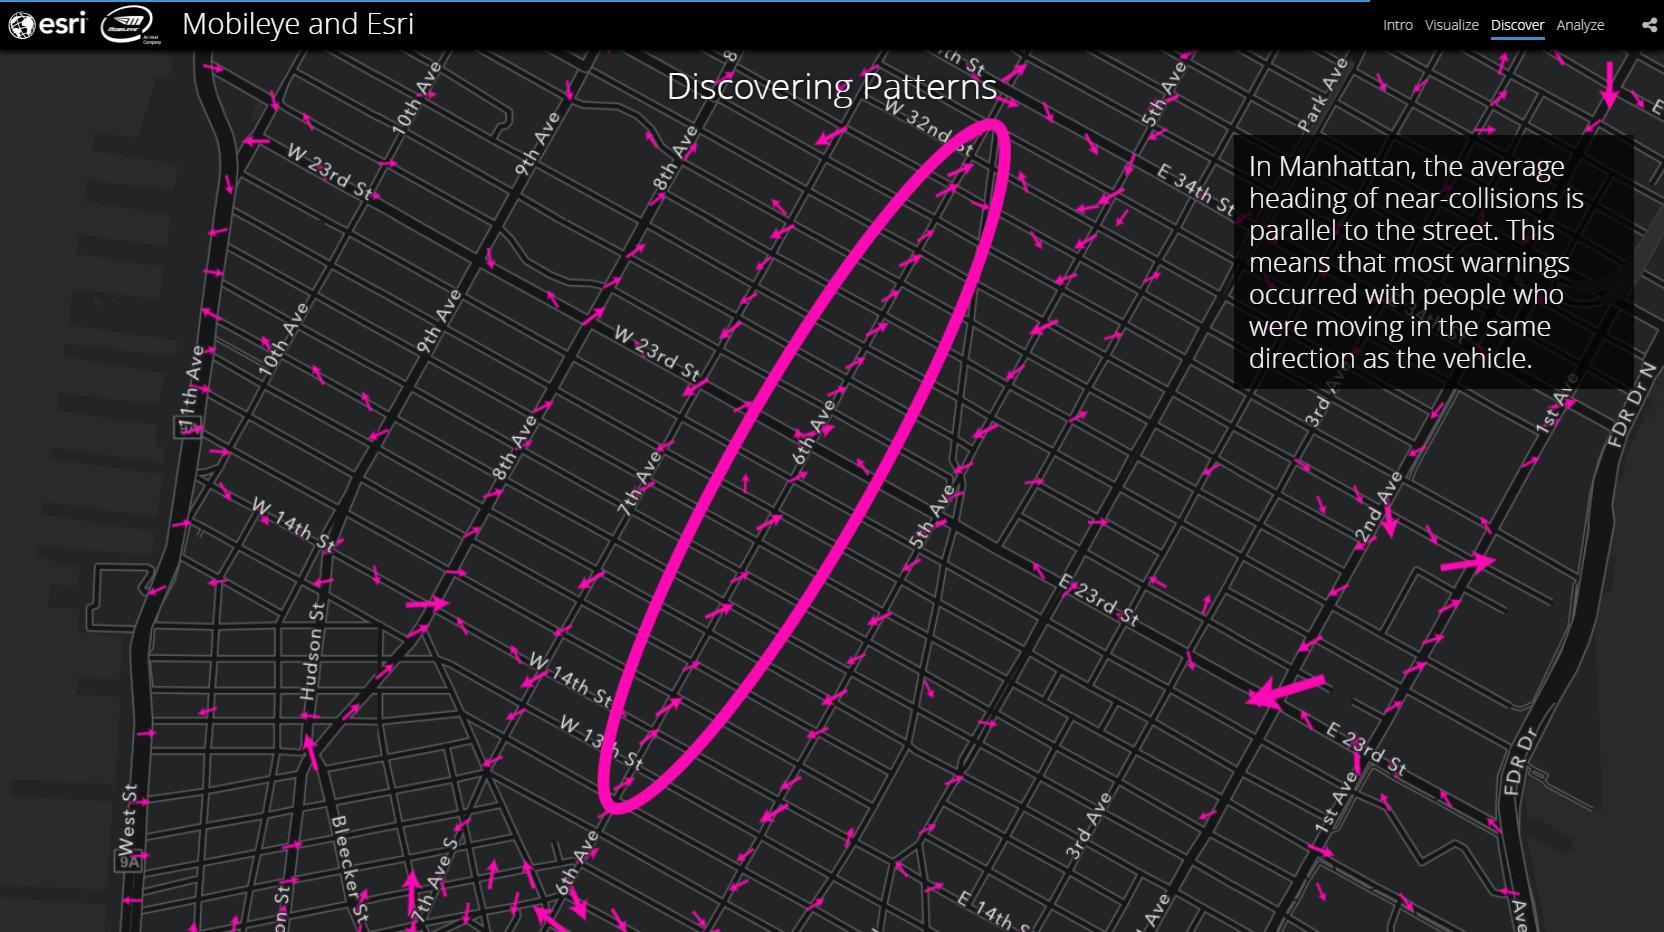 マンハッタンでは、車両と同じ方向に進んでいる人に衝突警告が発生する傾向となっている